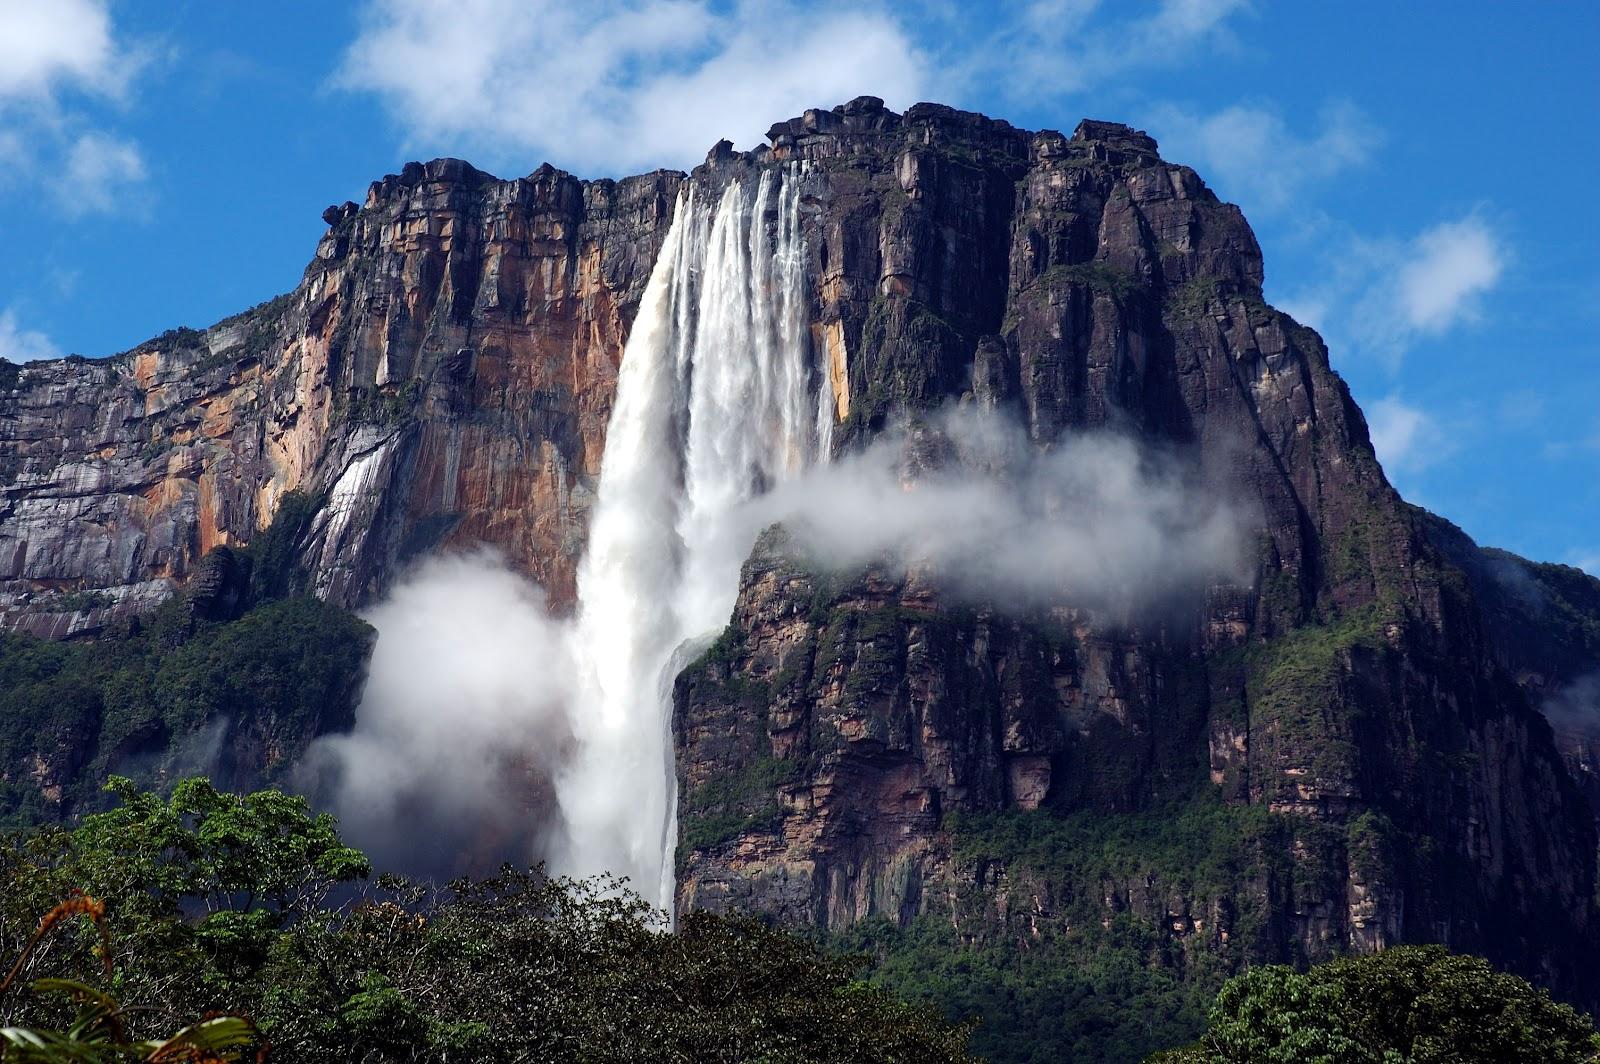 Risultato immagine per agel falls venezuela